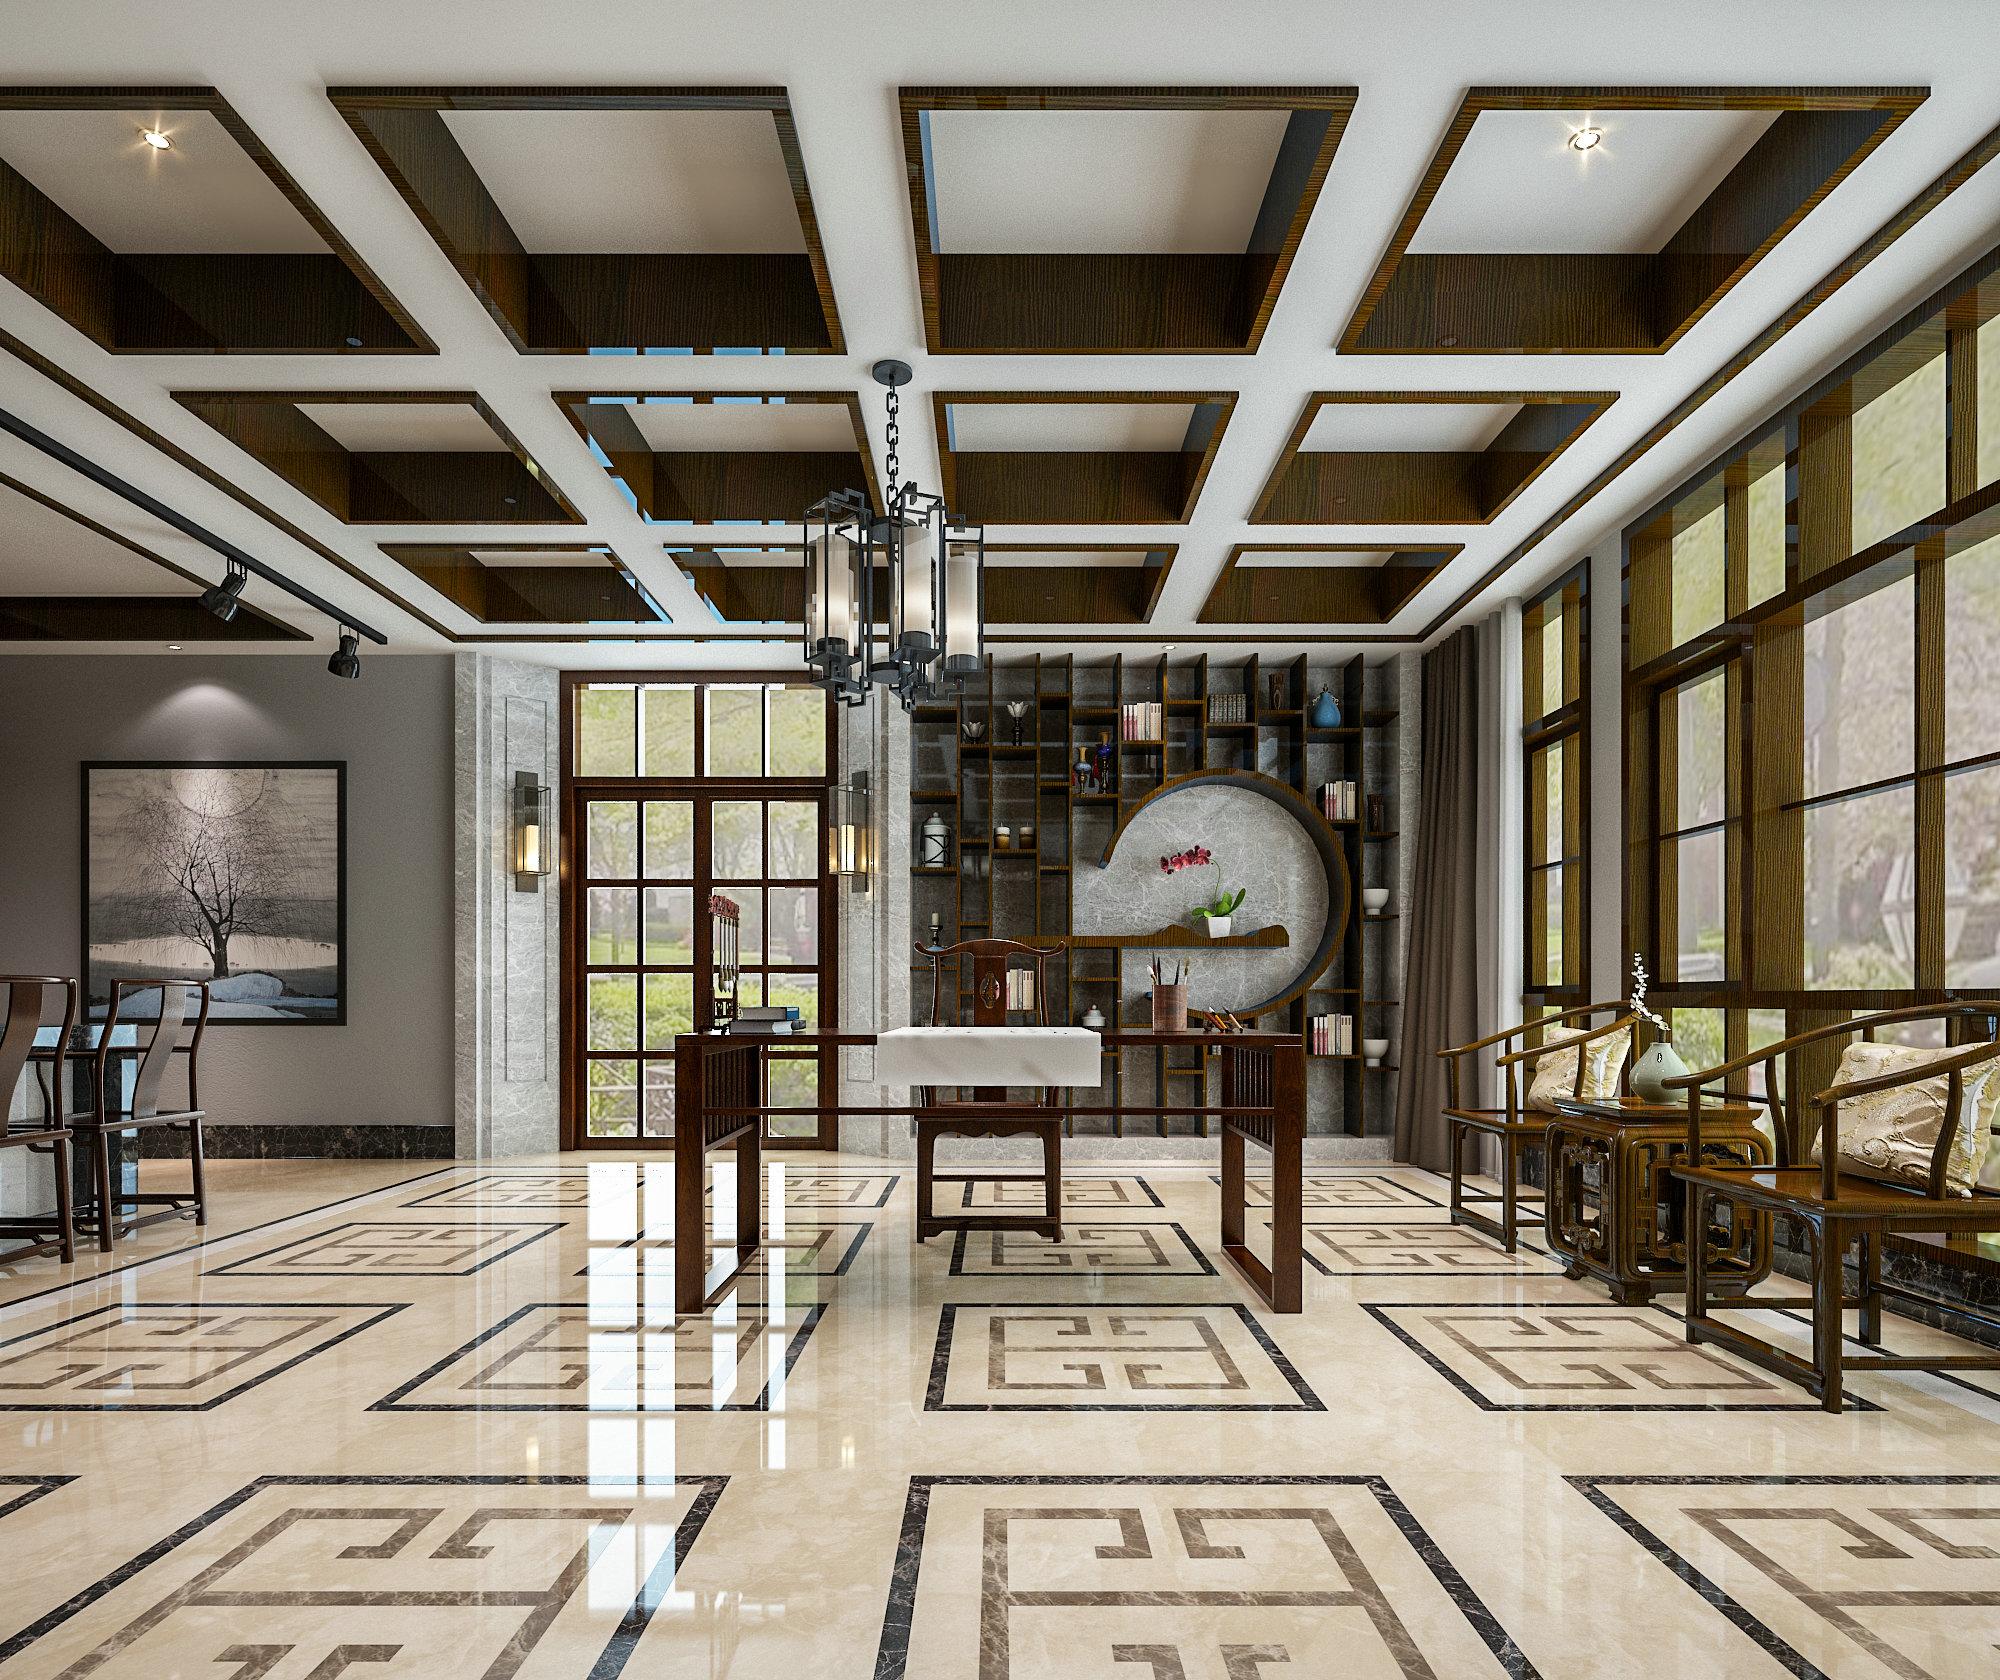 虹桥高尔夫 别墅装修 新中式风格 腾龙设计 书房图片来自孔继民在虹桥高尔夫别墅新中式风格设计的分享